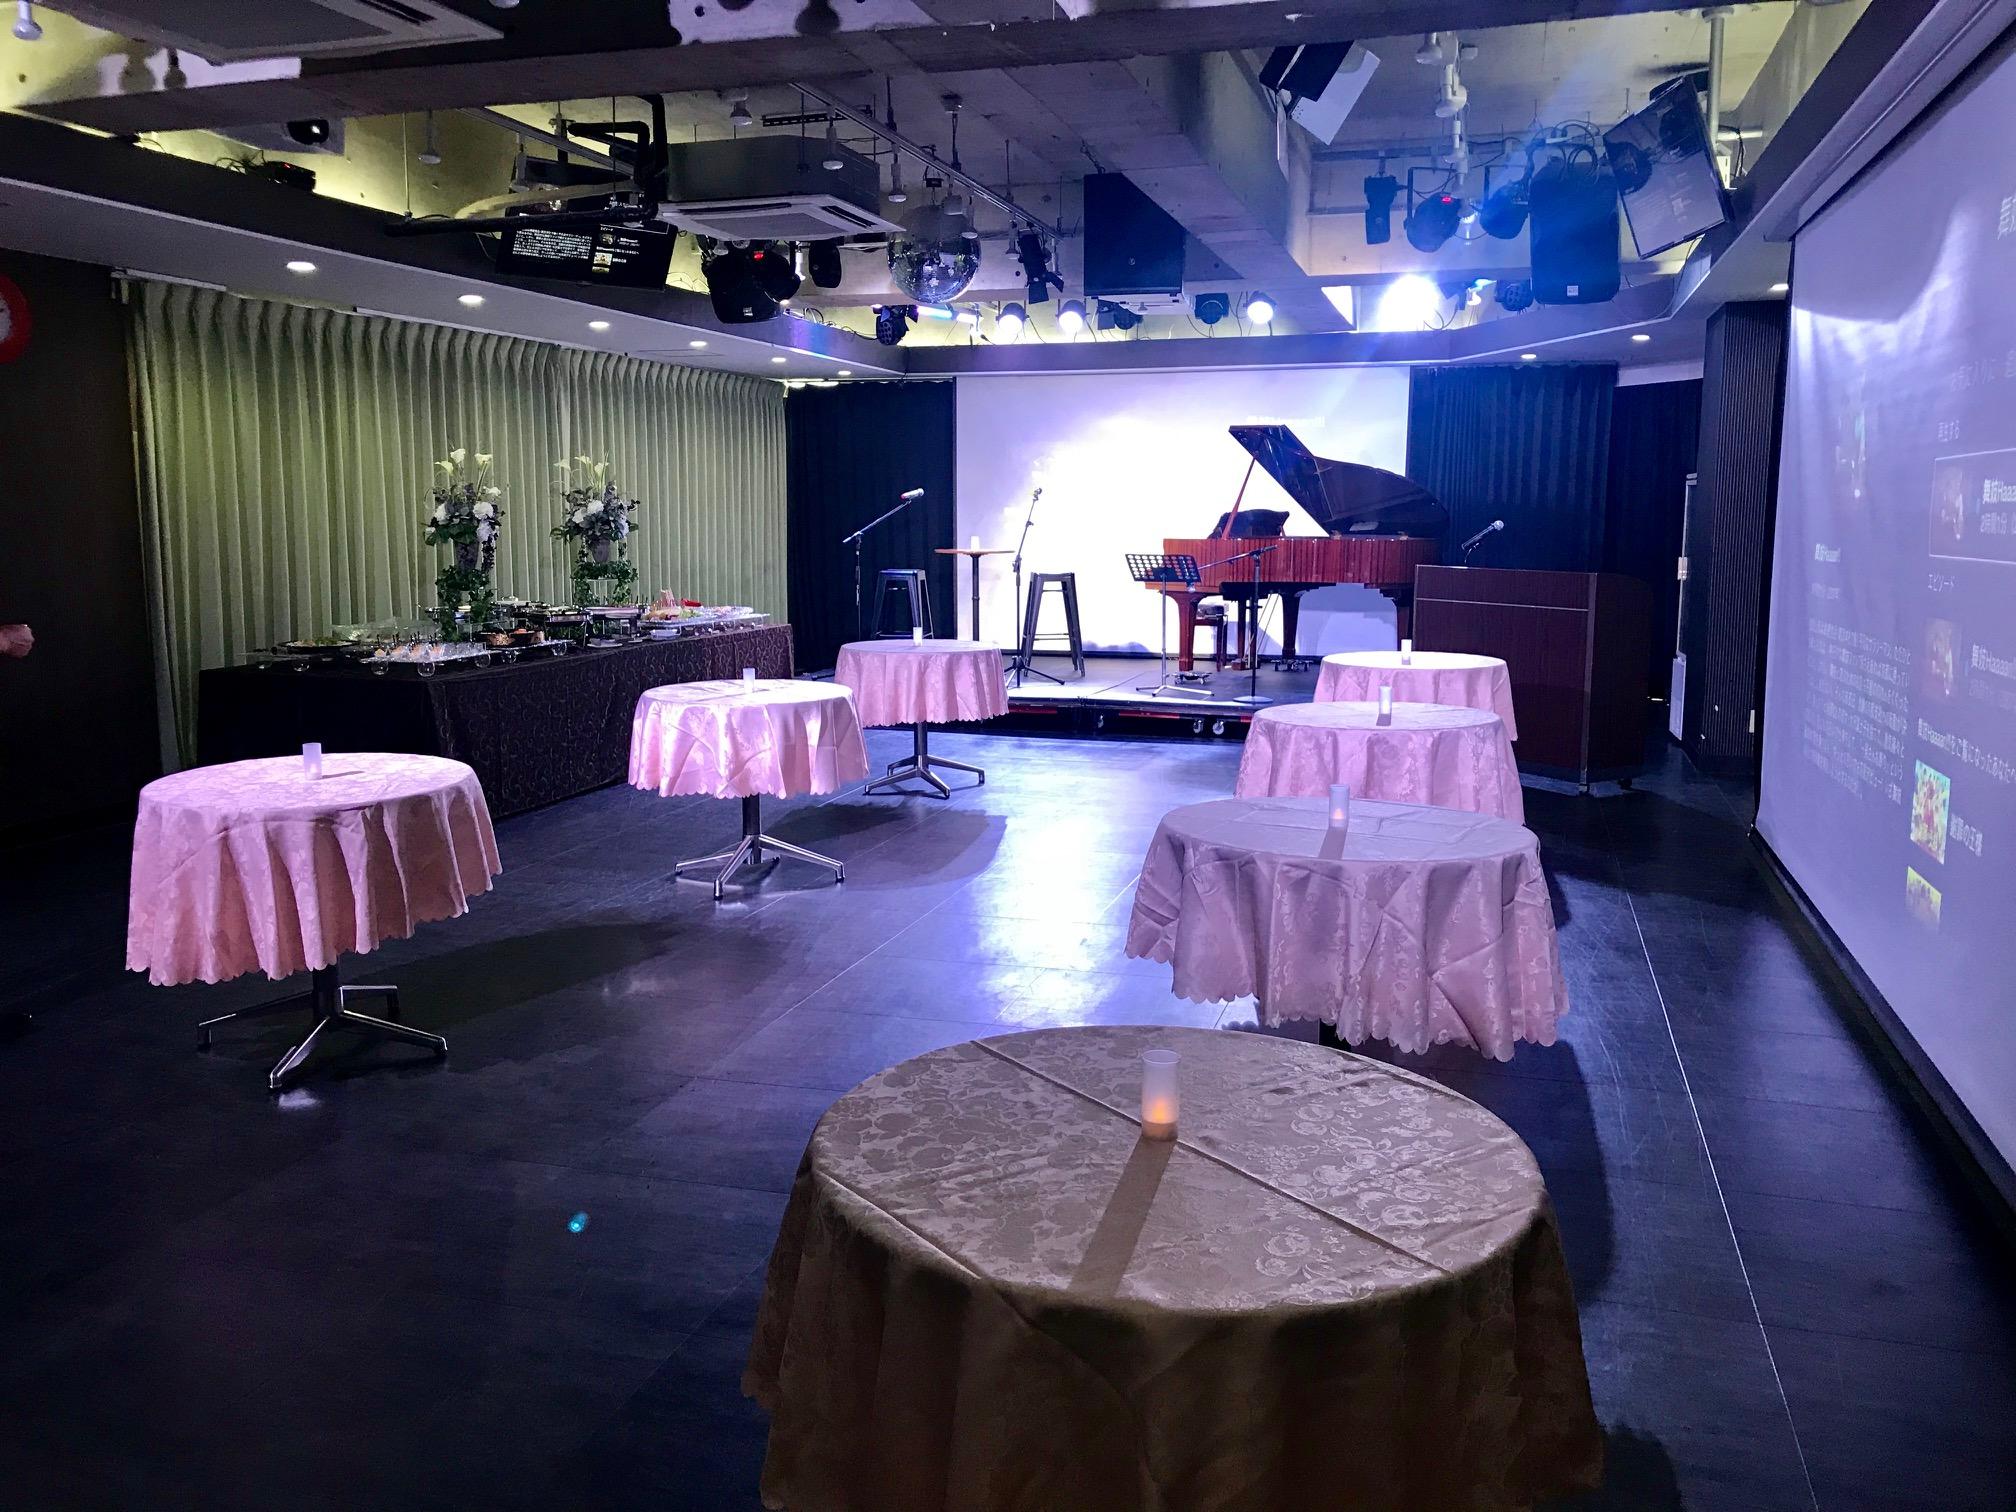 パーティー コンサート会場 グランドピアノ